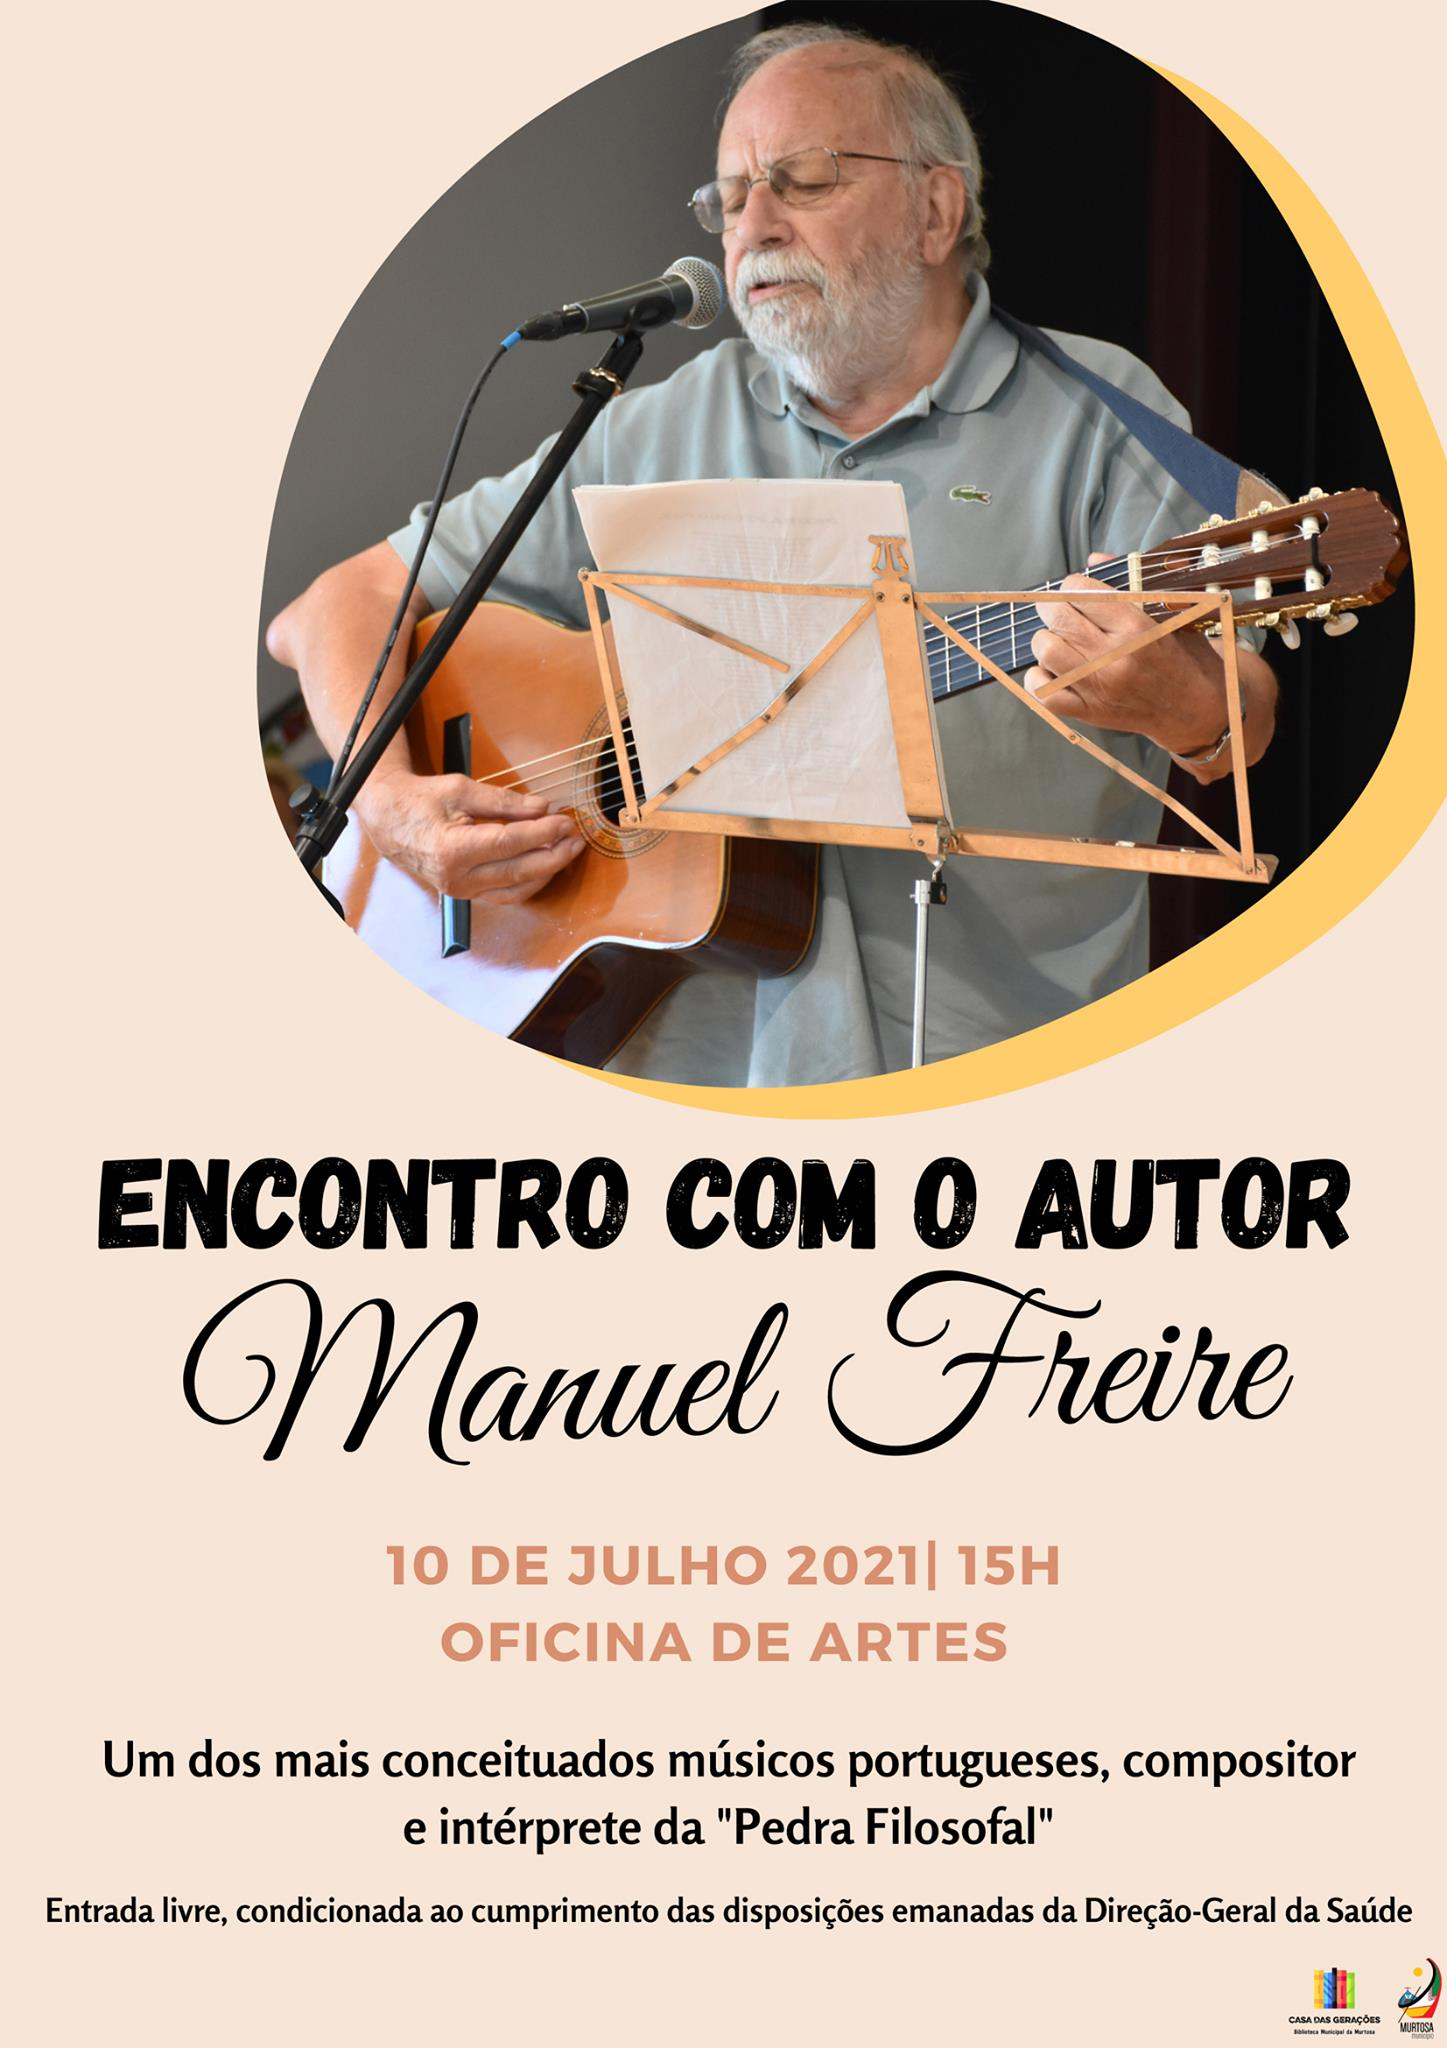 MANUEL FREIRE - ENCONTRO COM O AUTOR